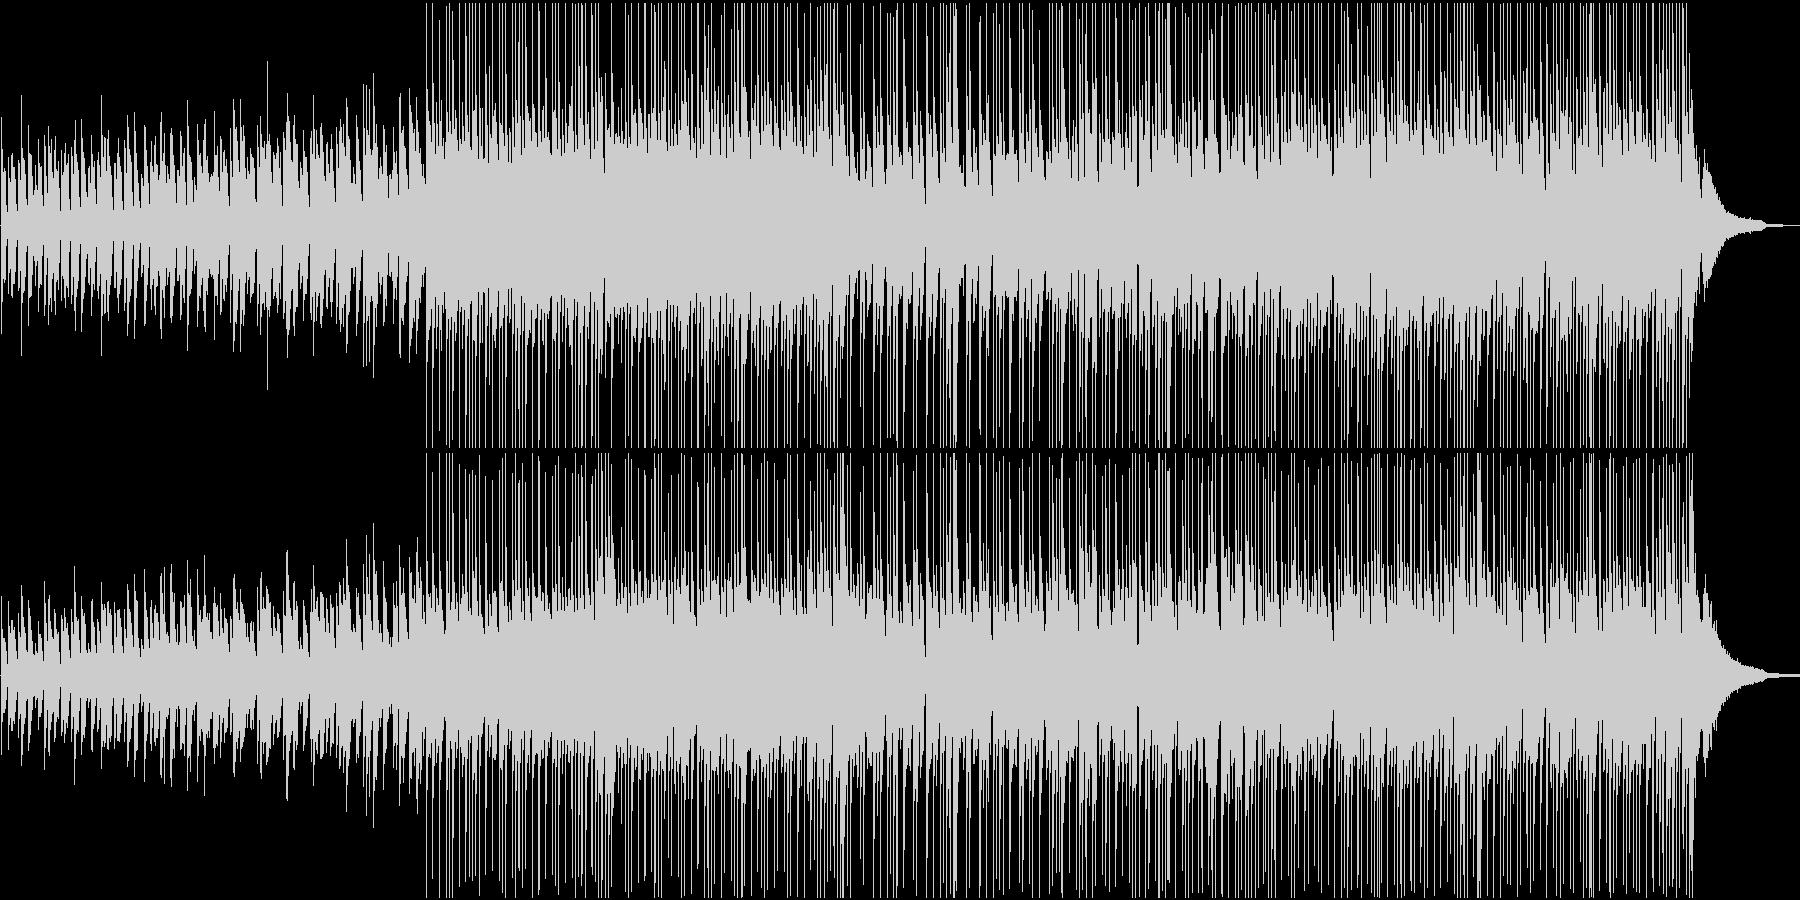 さわやかでオシャレなアニメ風のBGMの未再生の波形